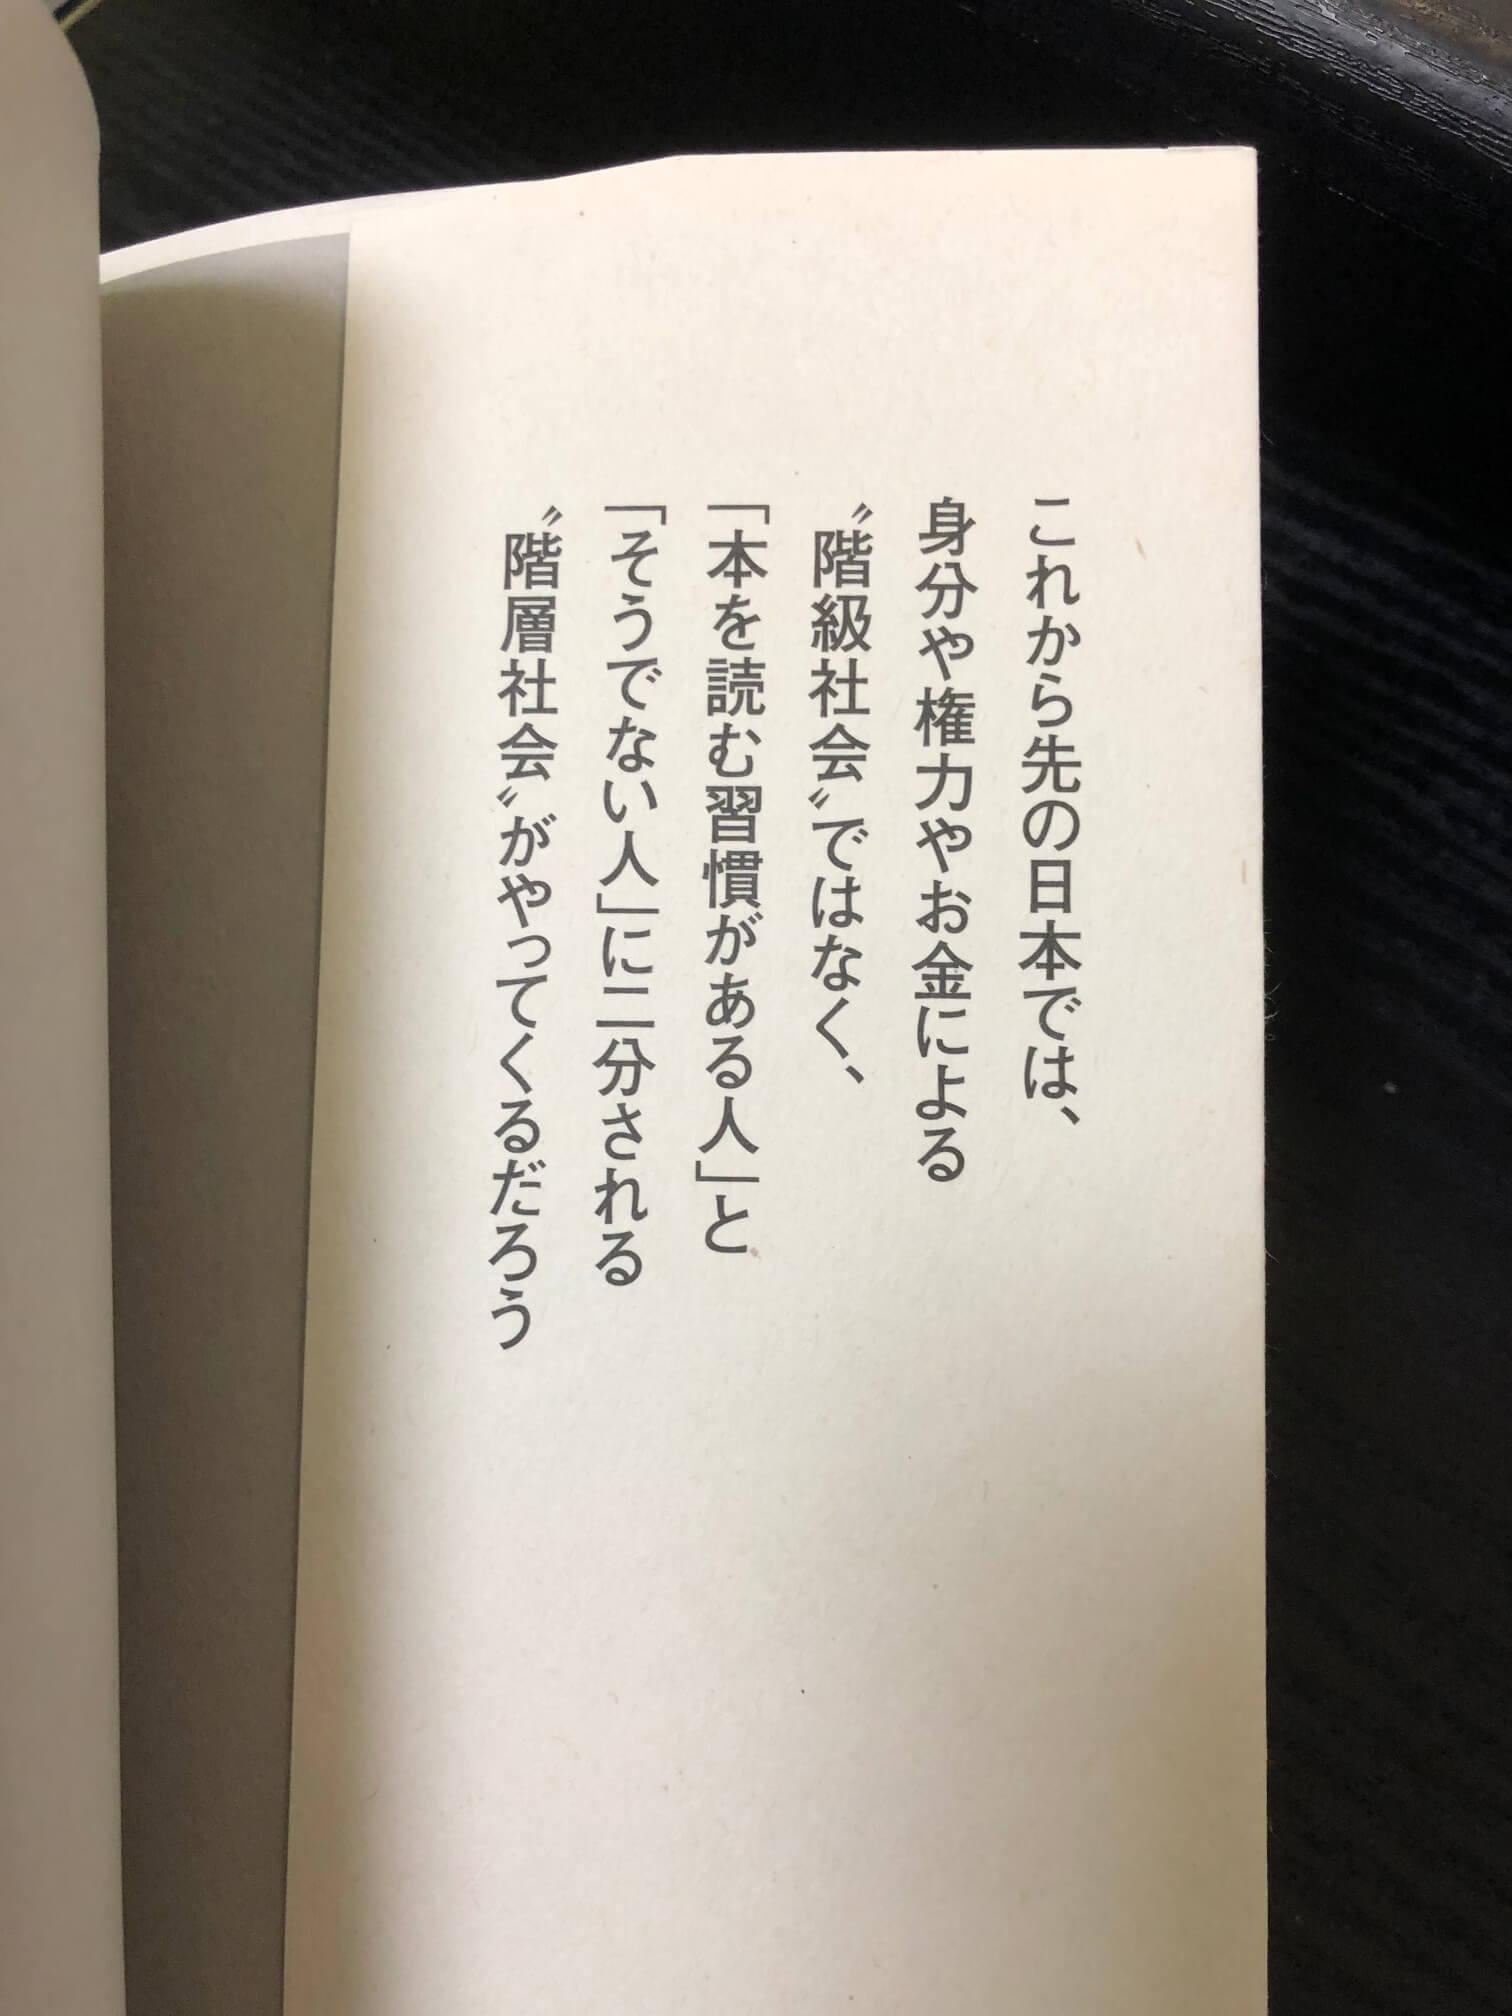 本を読む人だけが手にするもの / 藤原和博